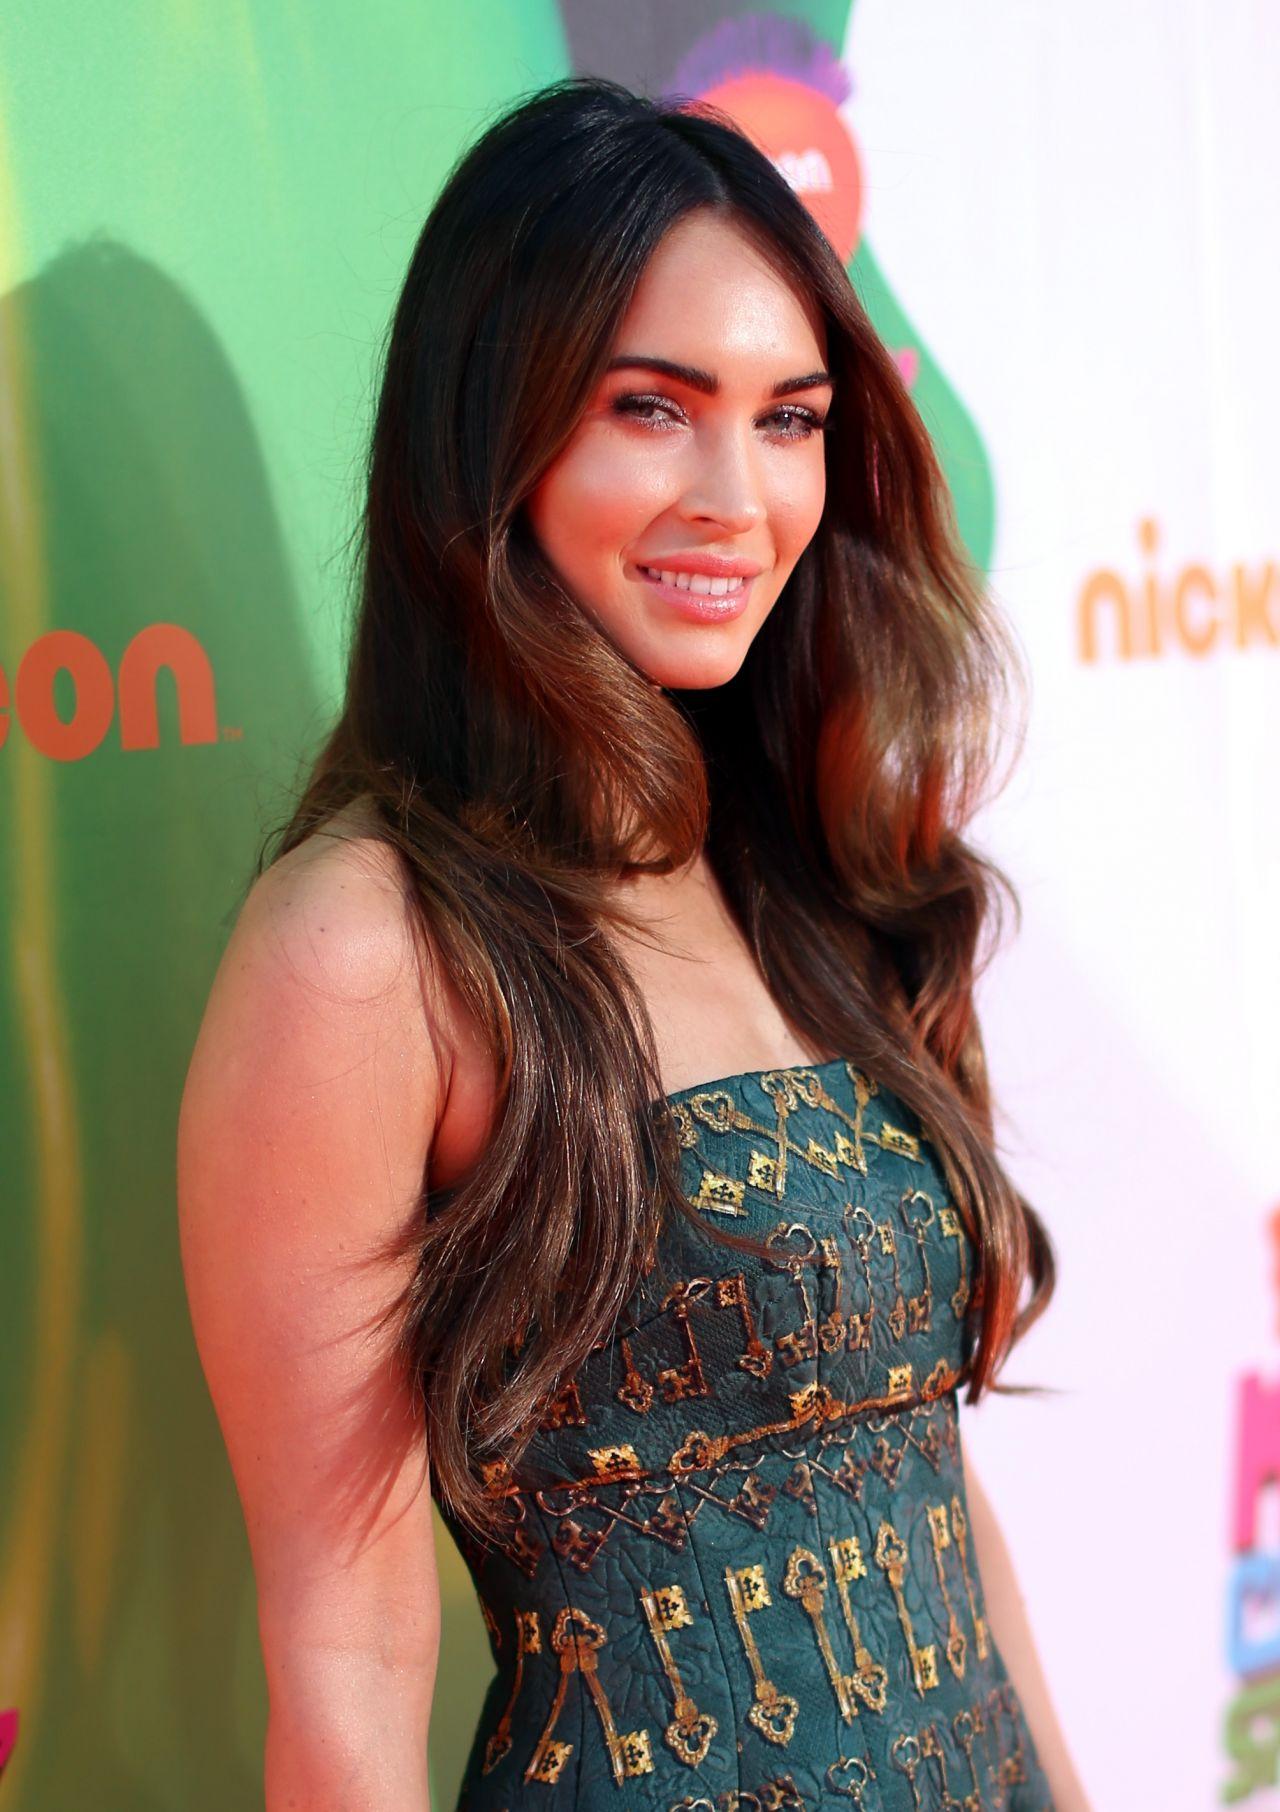 Megan Fox - 2014 Nicke... Megan Fox Sports